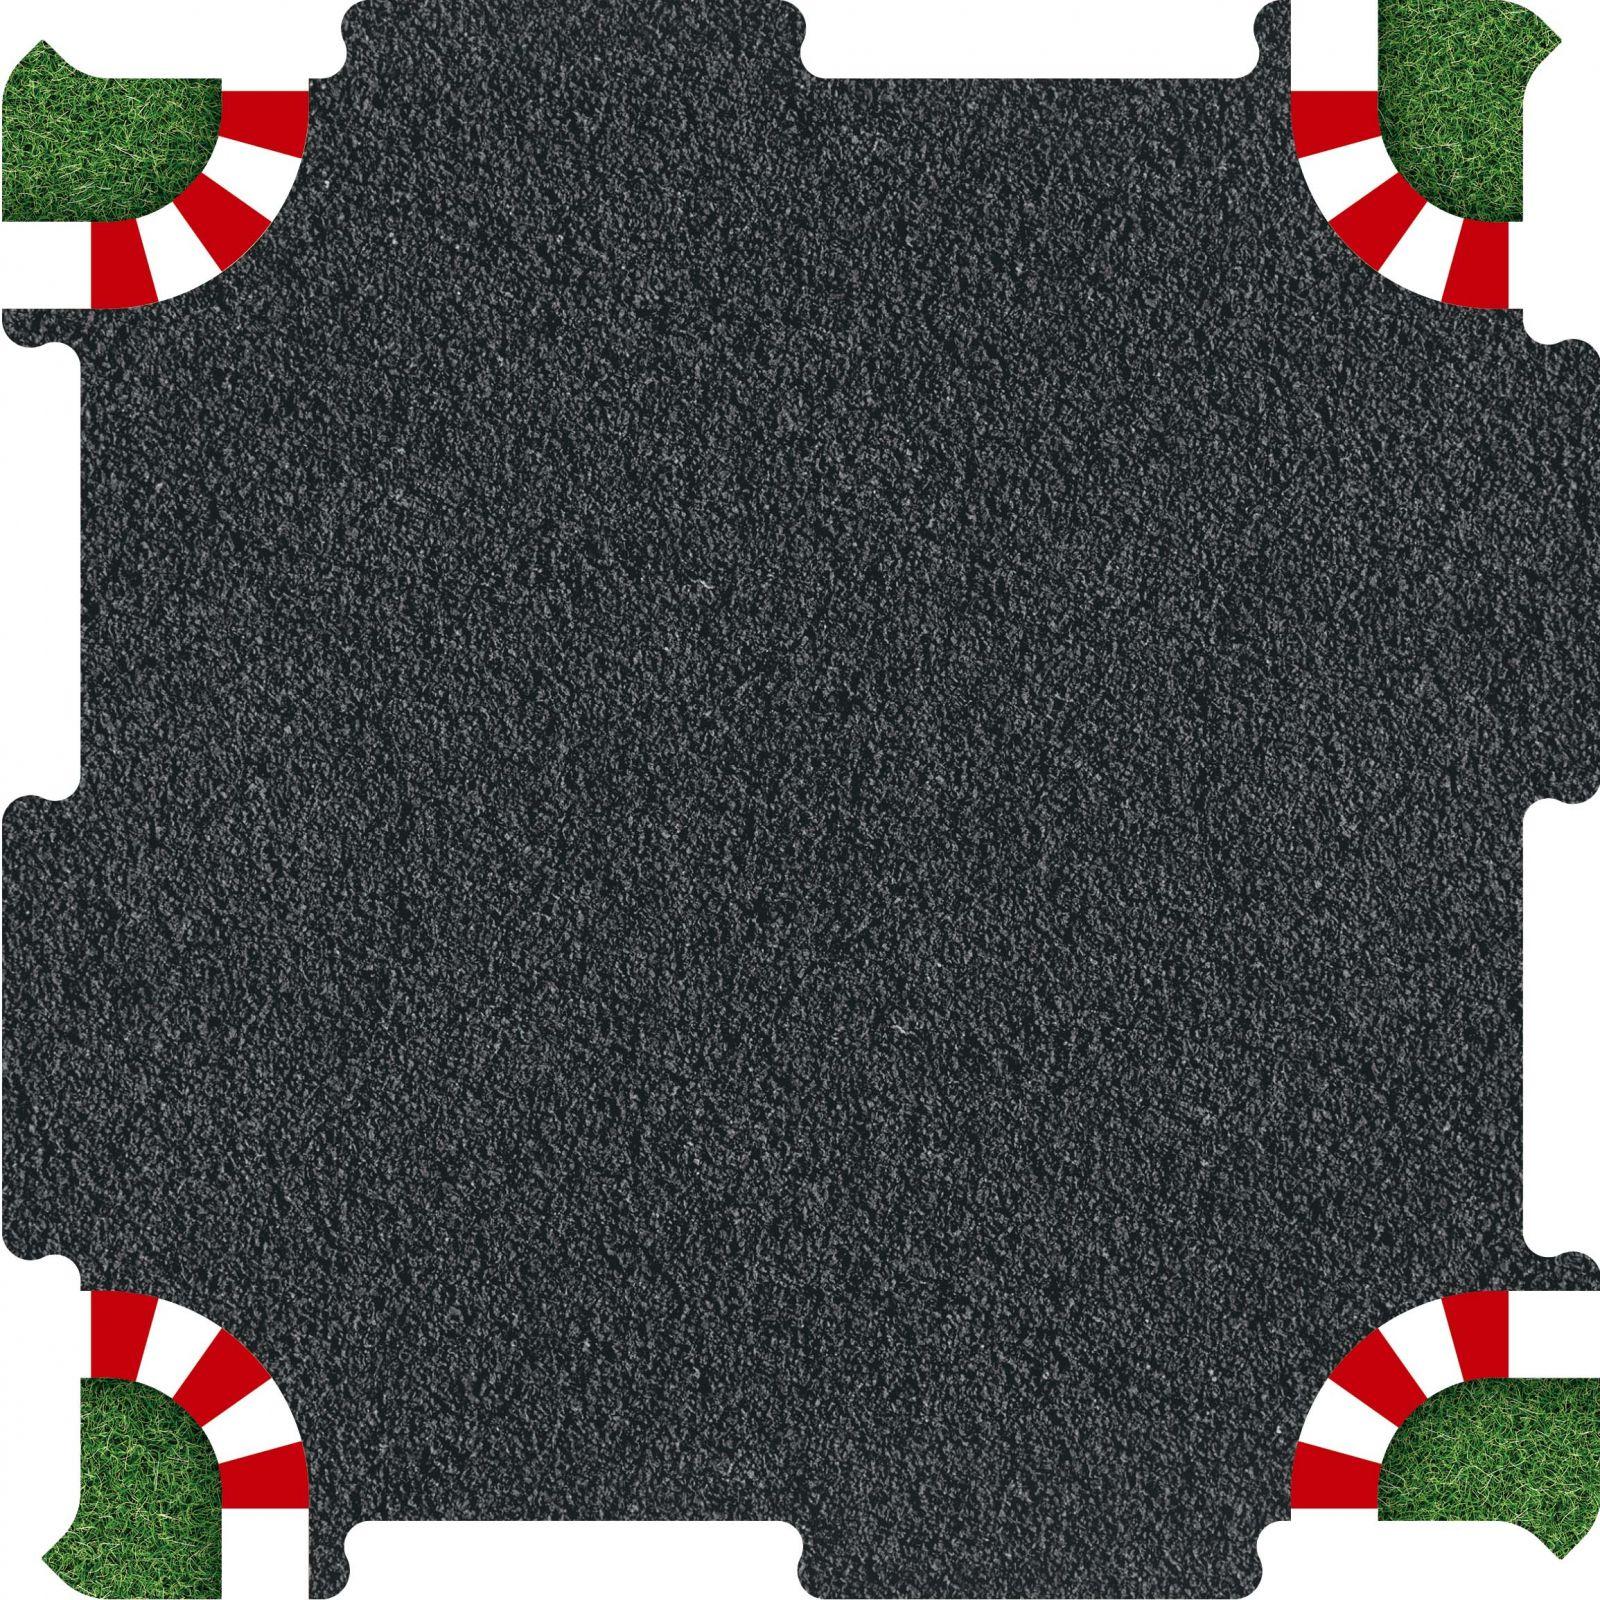 Podlahové puzzle závodní okruh křižovatka